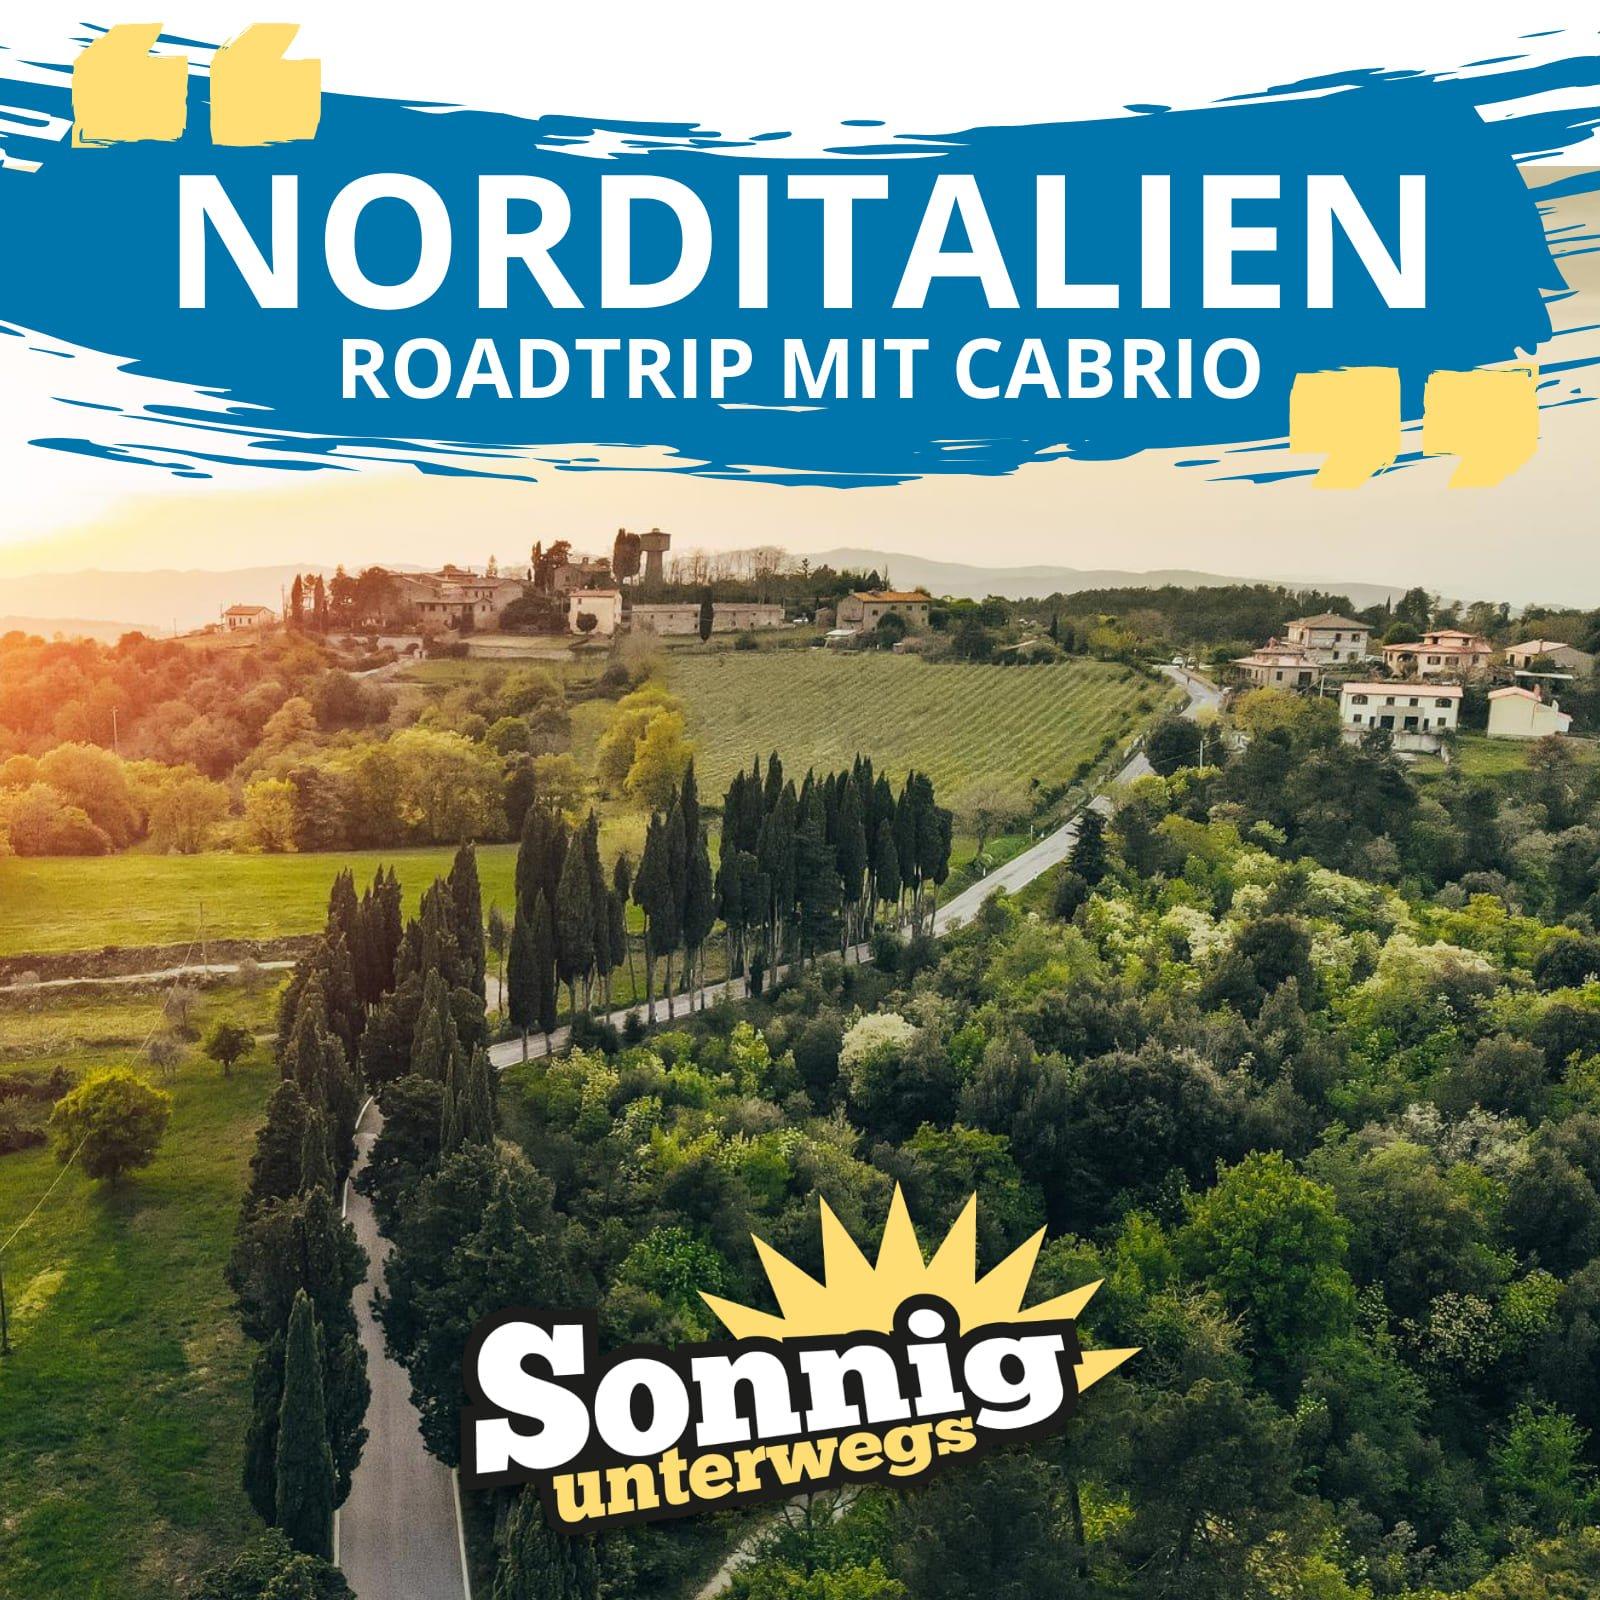 Norditalien - Roadtrip mit Cabrio